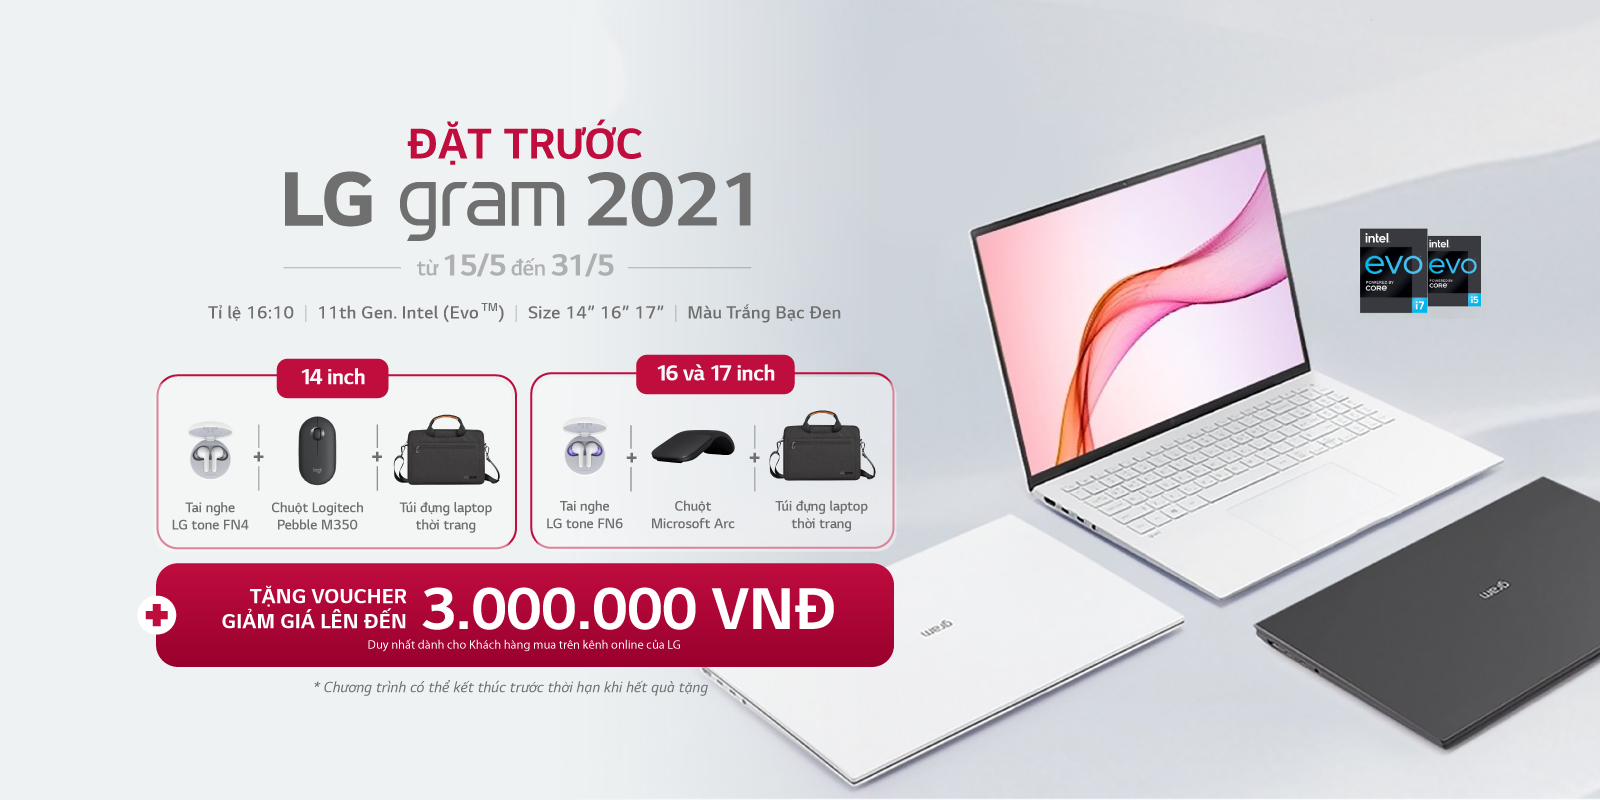 LG Việt Nam ra mắt bộ sản phẩm tin học ITP thế hệ 2021 - Ảnh 3.